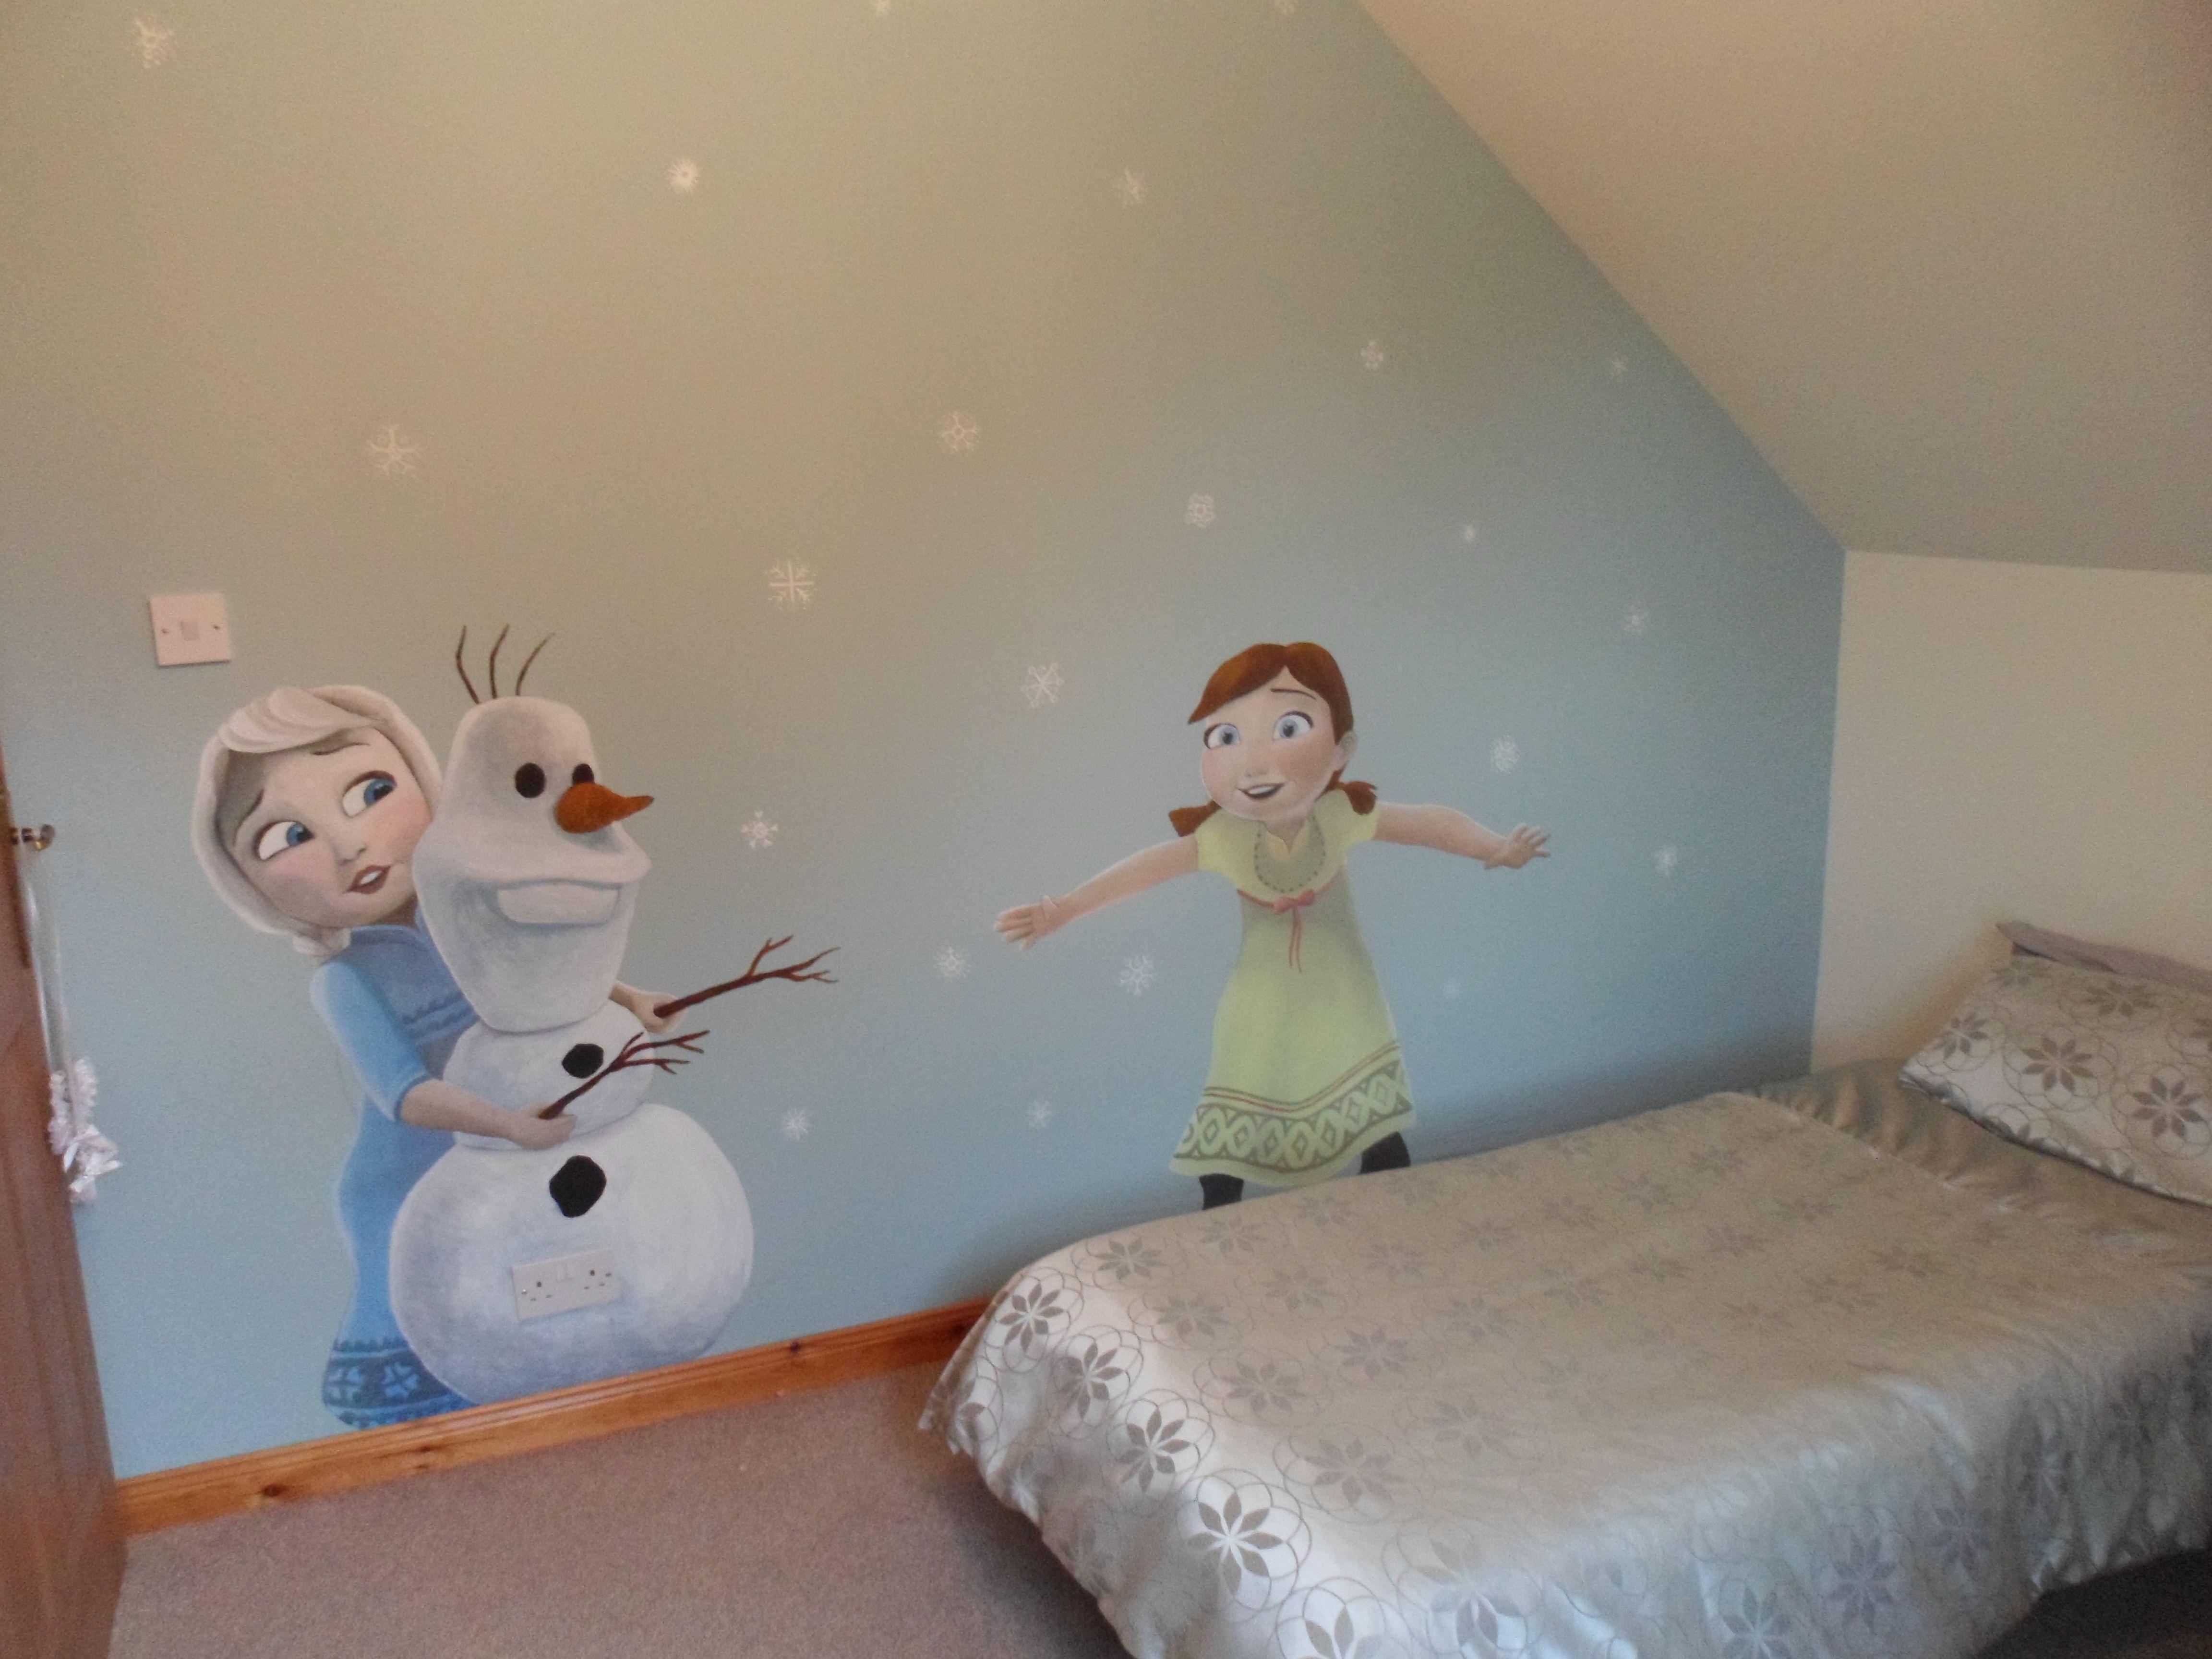 mural of frozen girls when they were children frozen wall mural of frozen girls when they were children